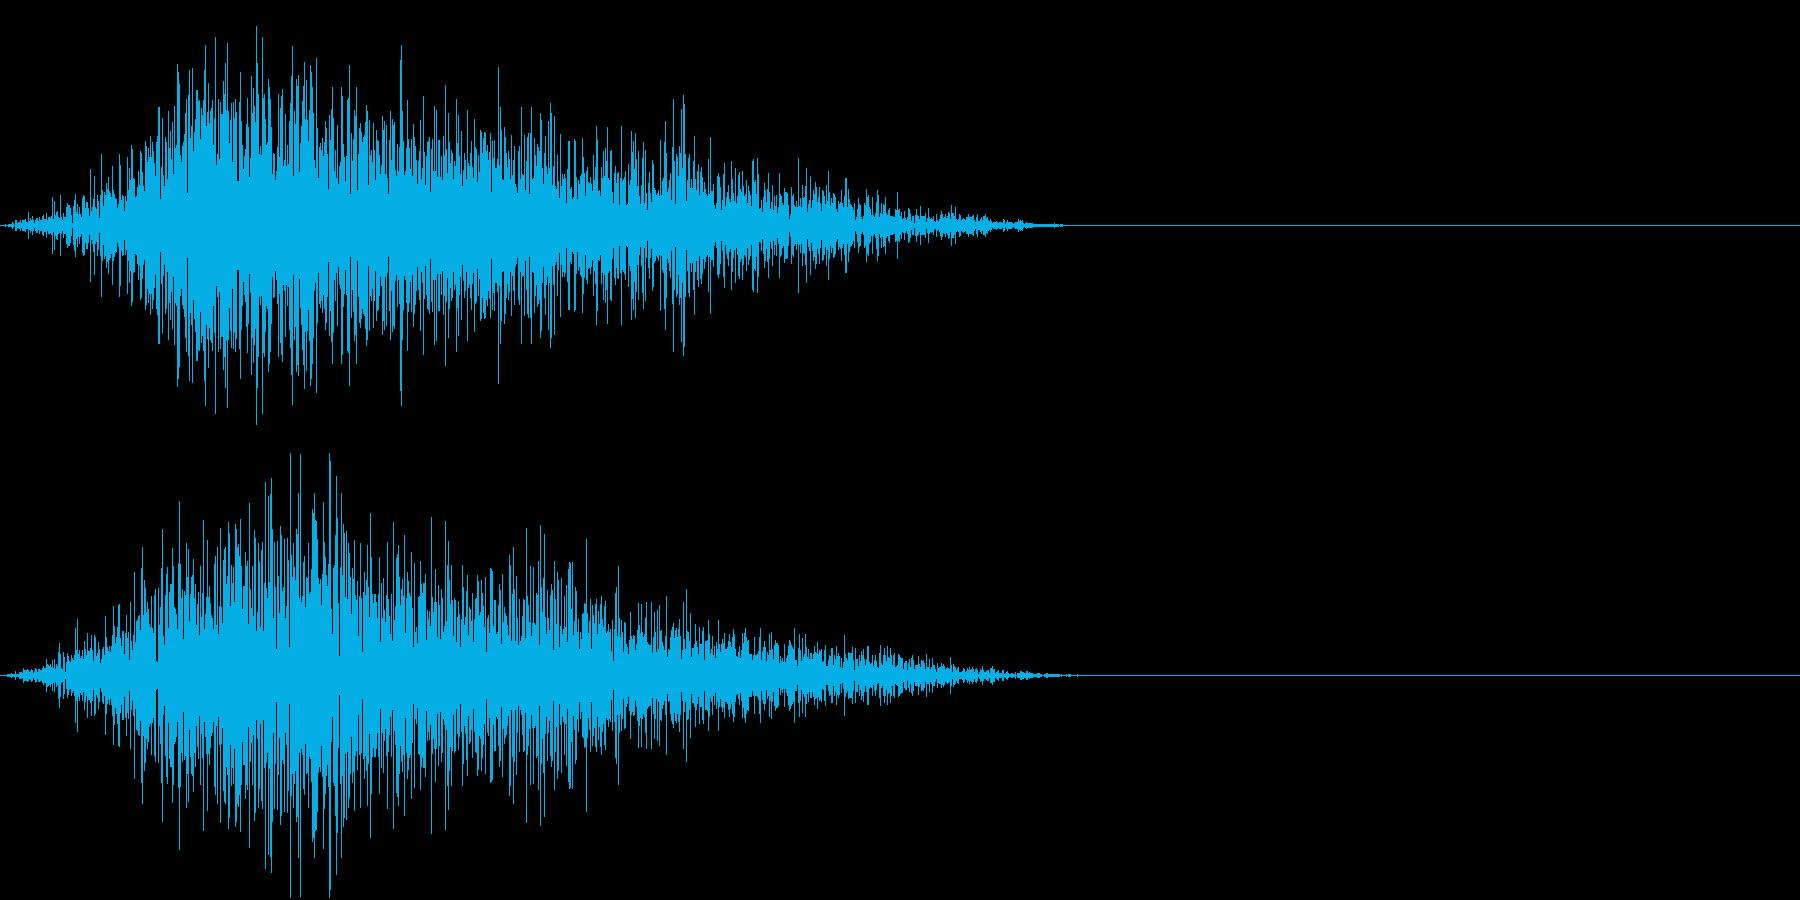 GAME ミス・エラー・キャンセル音の再生済みの波形